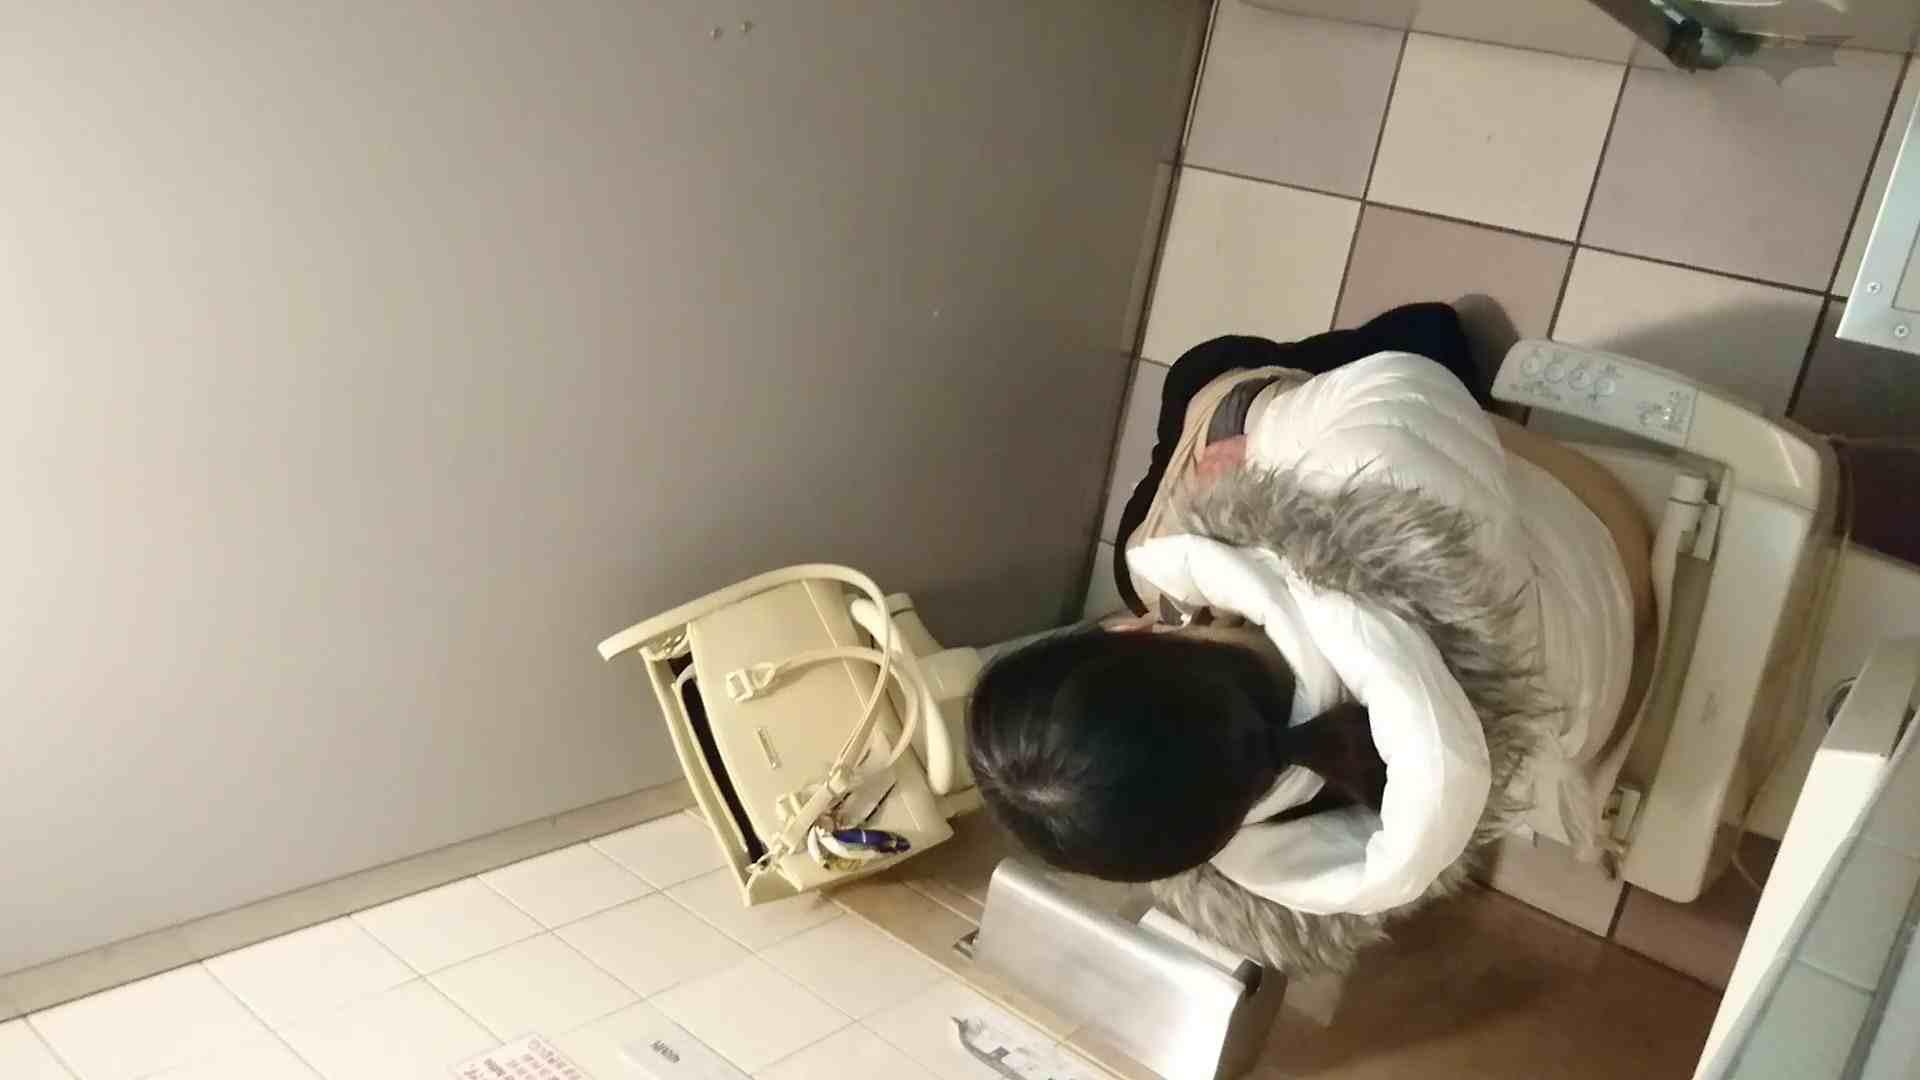 化粧室絵巻 ショッピングモール編 VOL.05 OL女体  73連発 38